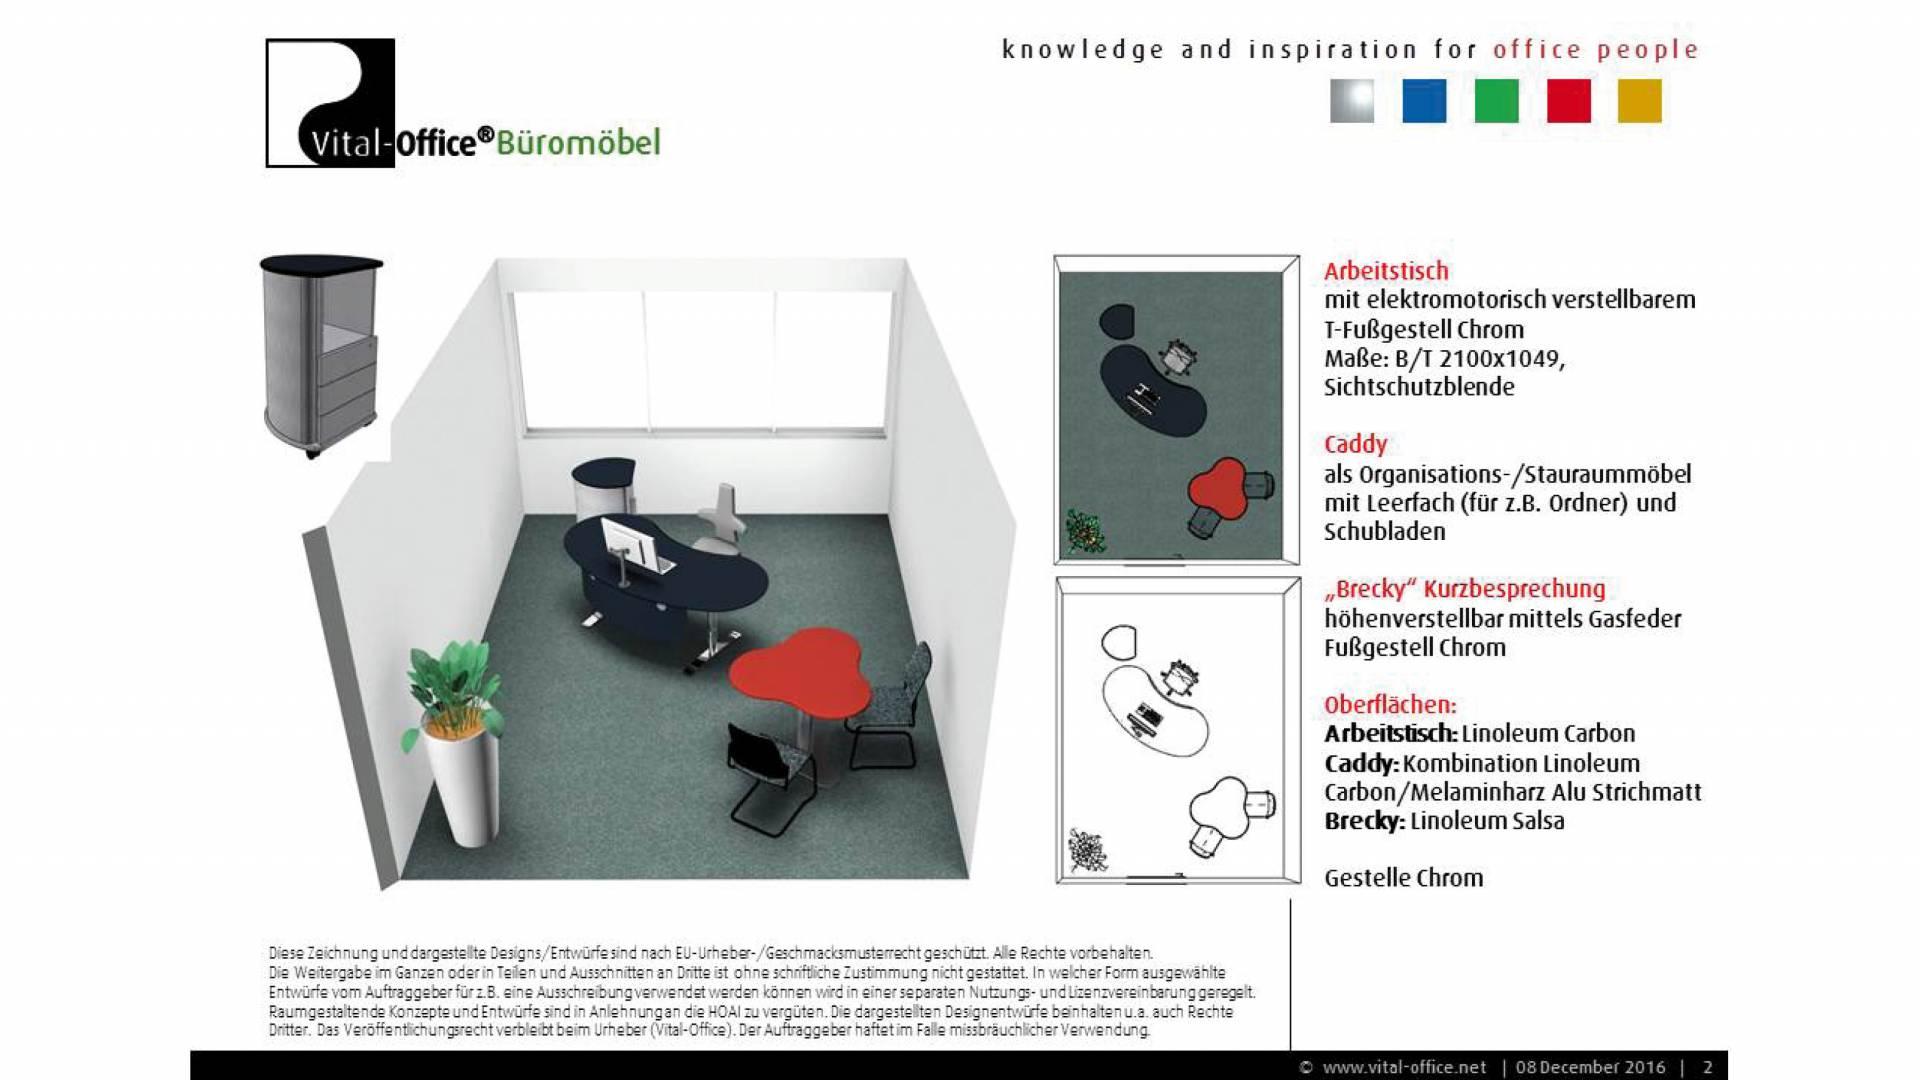 Büroplanung Geschäftsführerin Softwarehaus Karlsruhe - Vital-Office